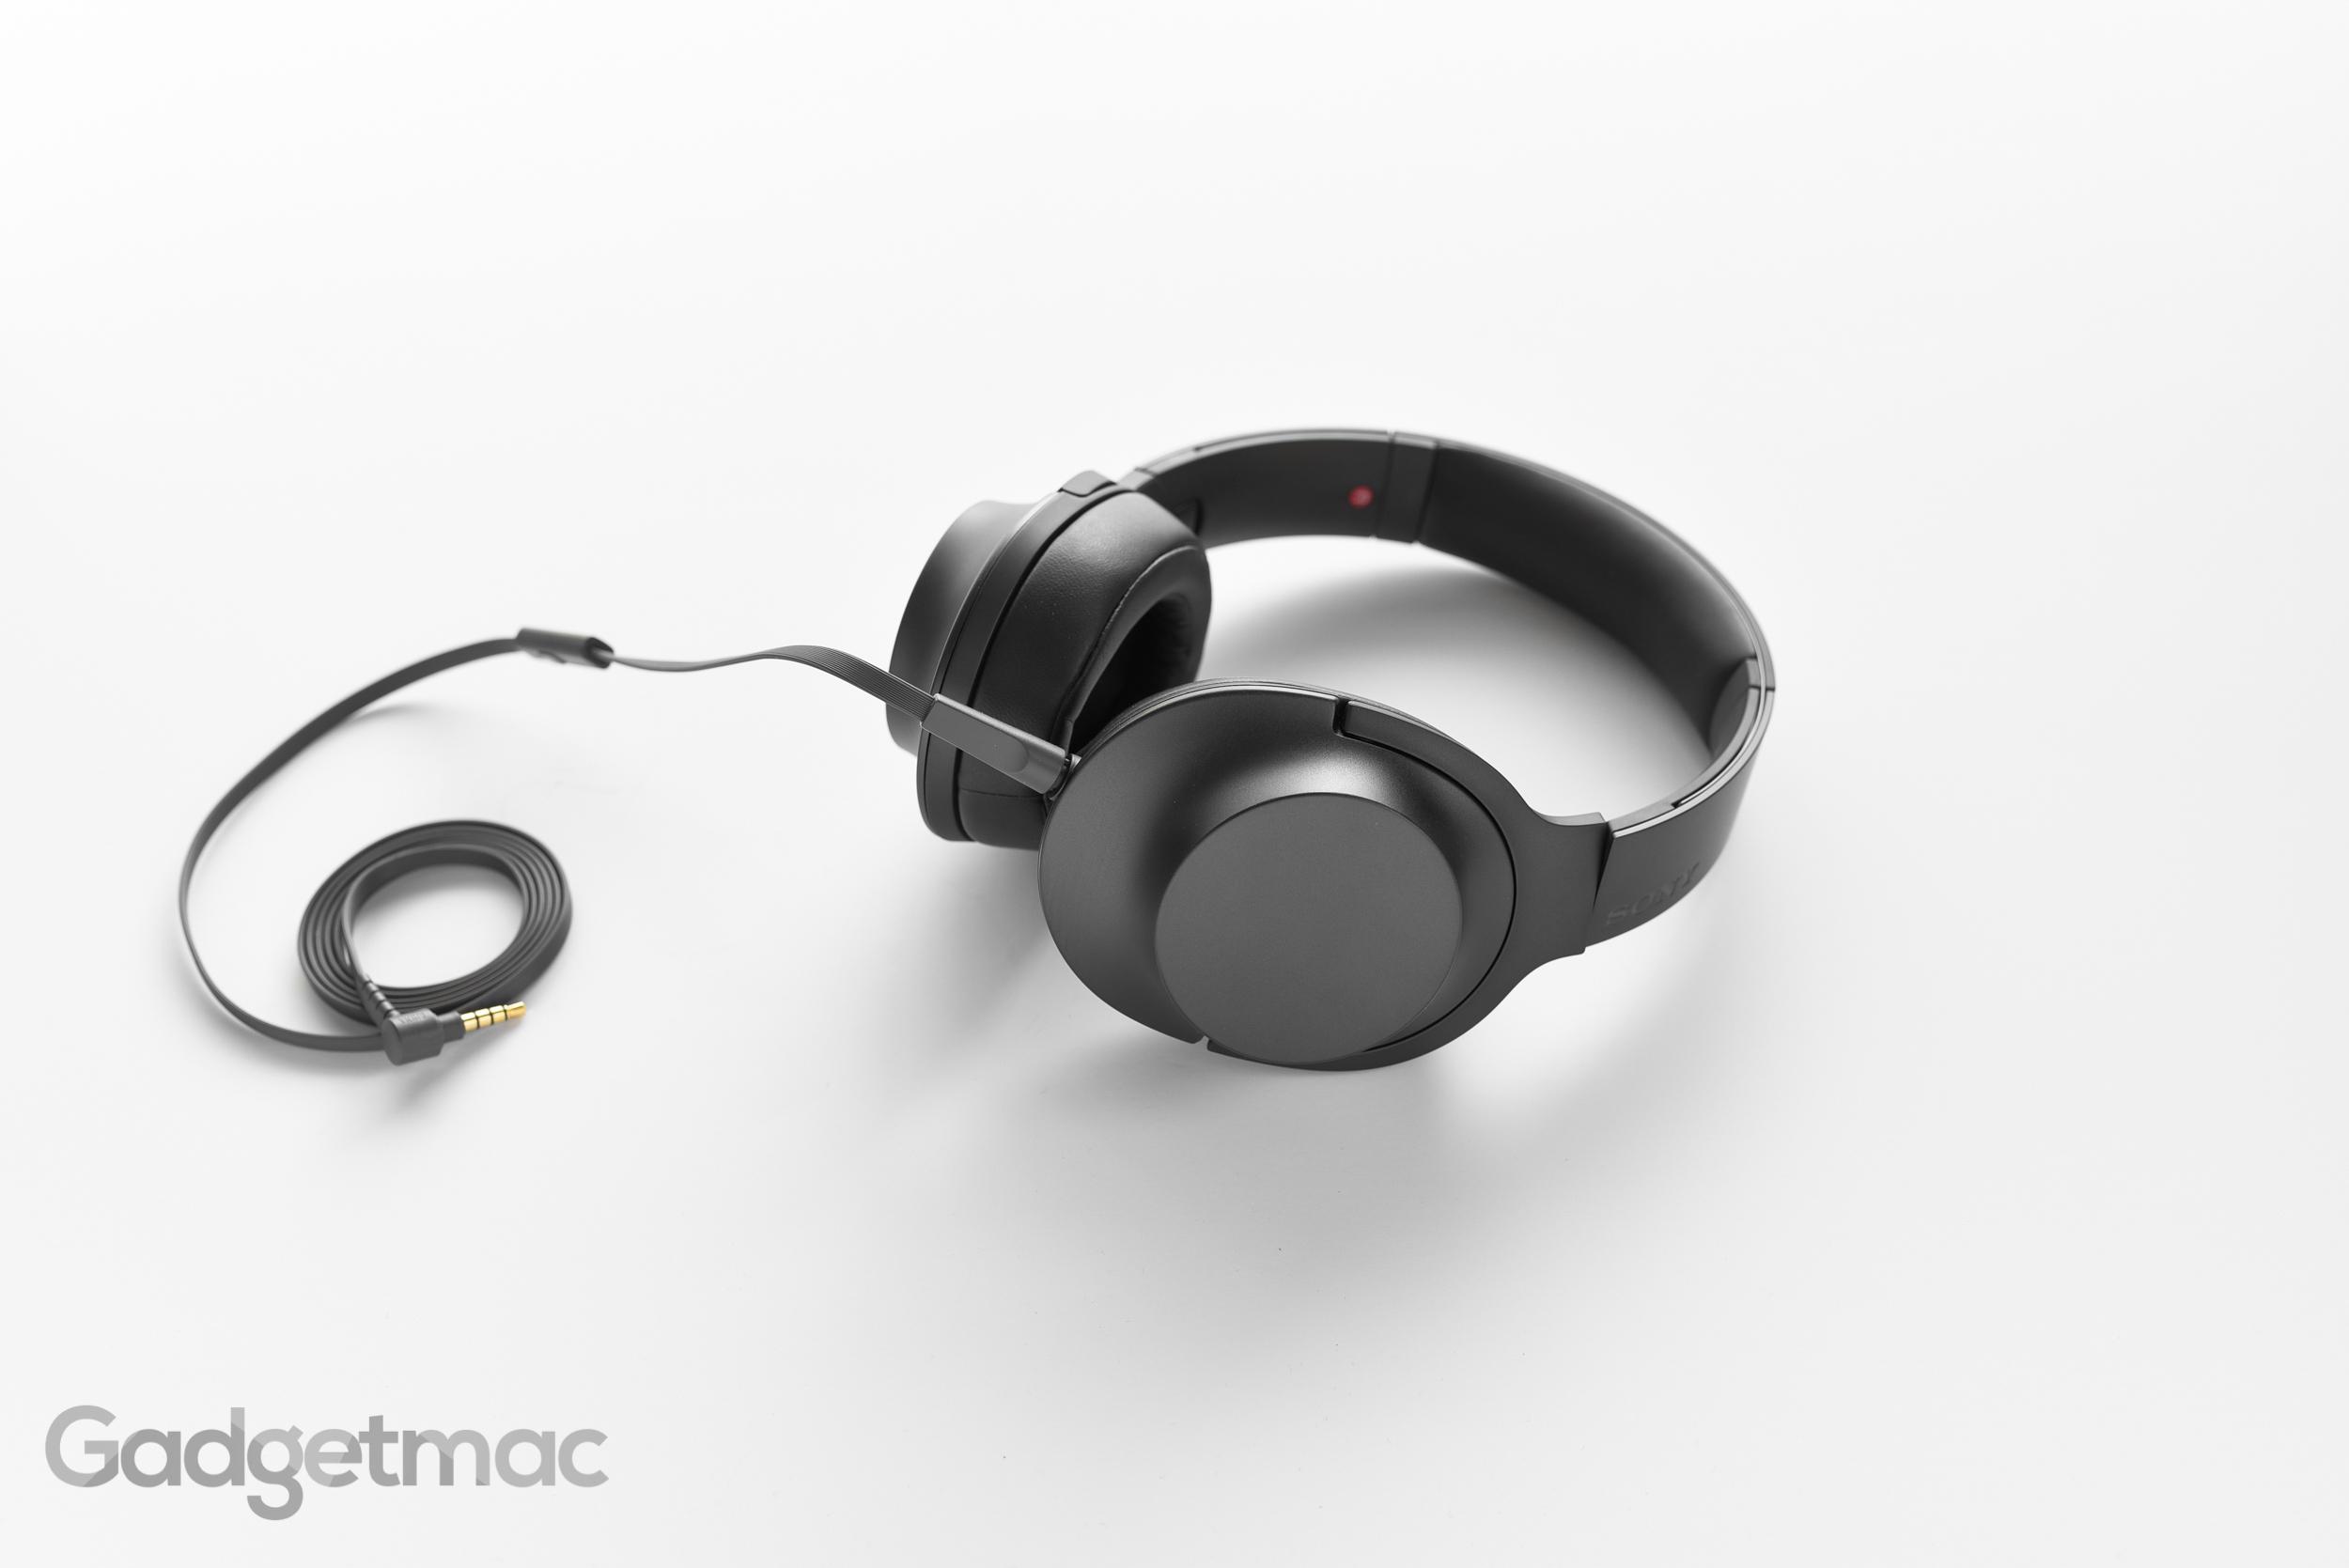 sony-hear-on-headphones-cable.jpg